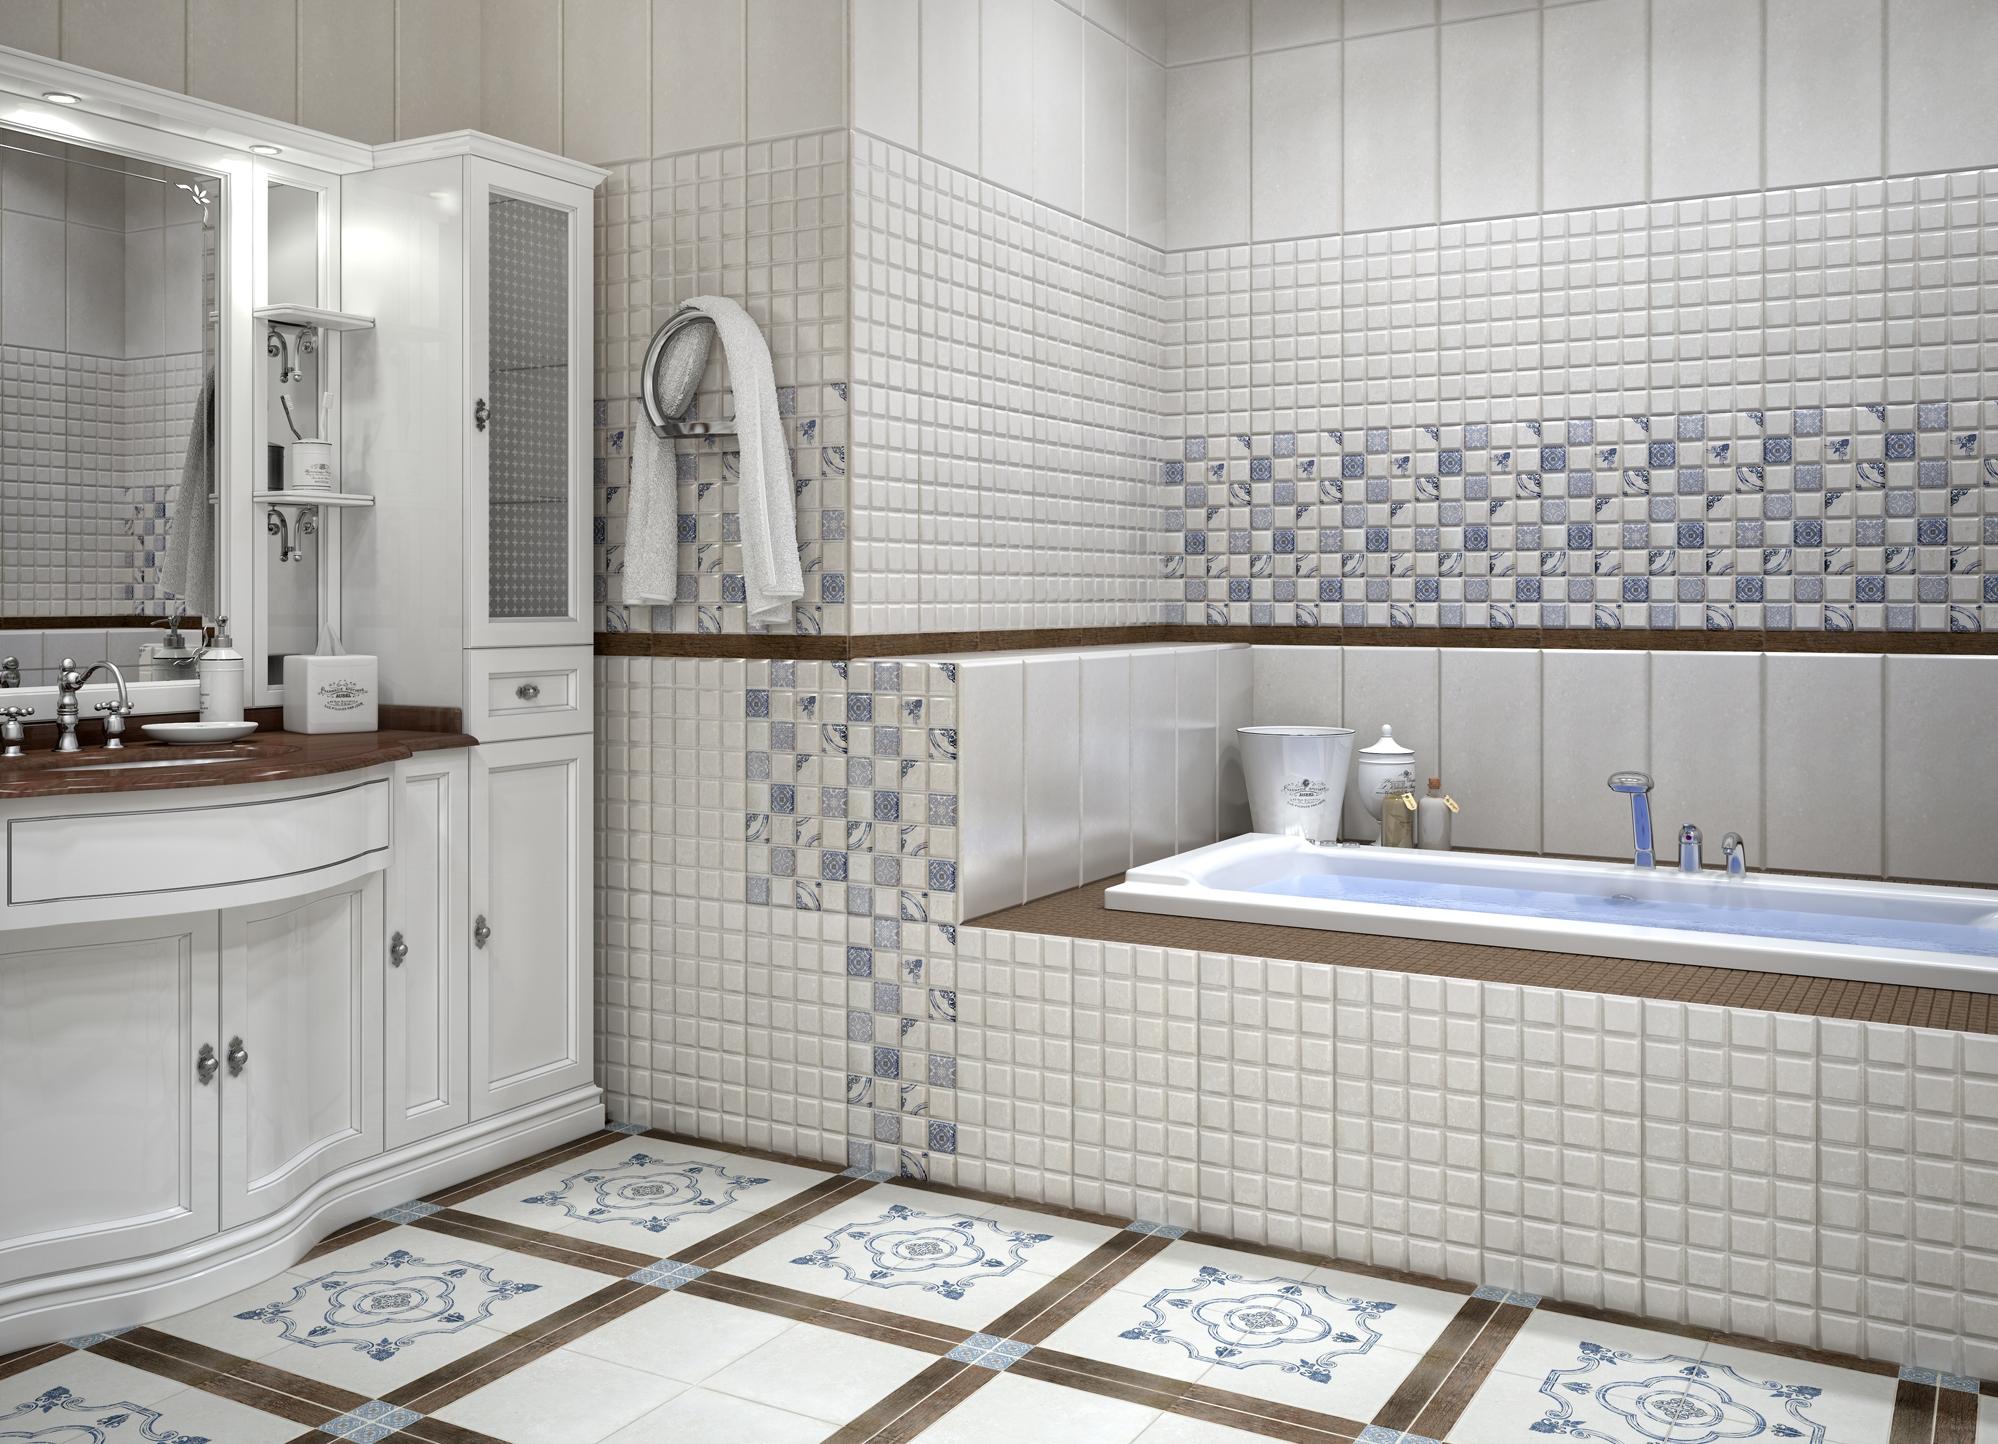 Большая ванная комната с отделкой кафельной плиткой разной текстуры